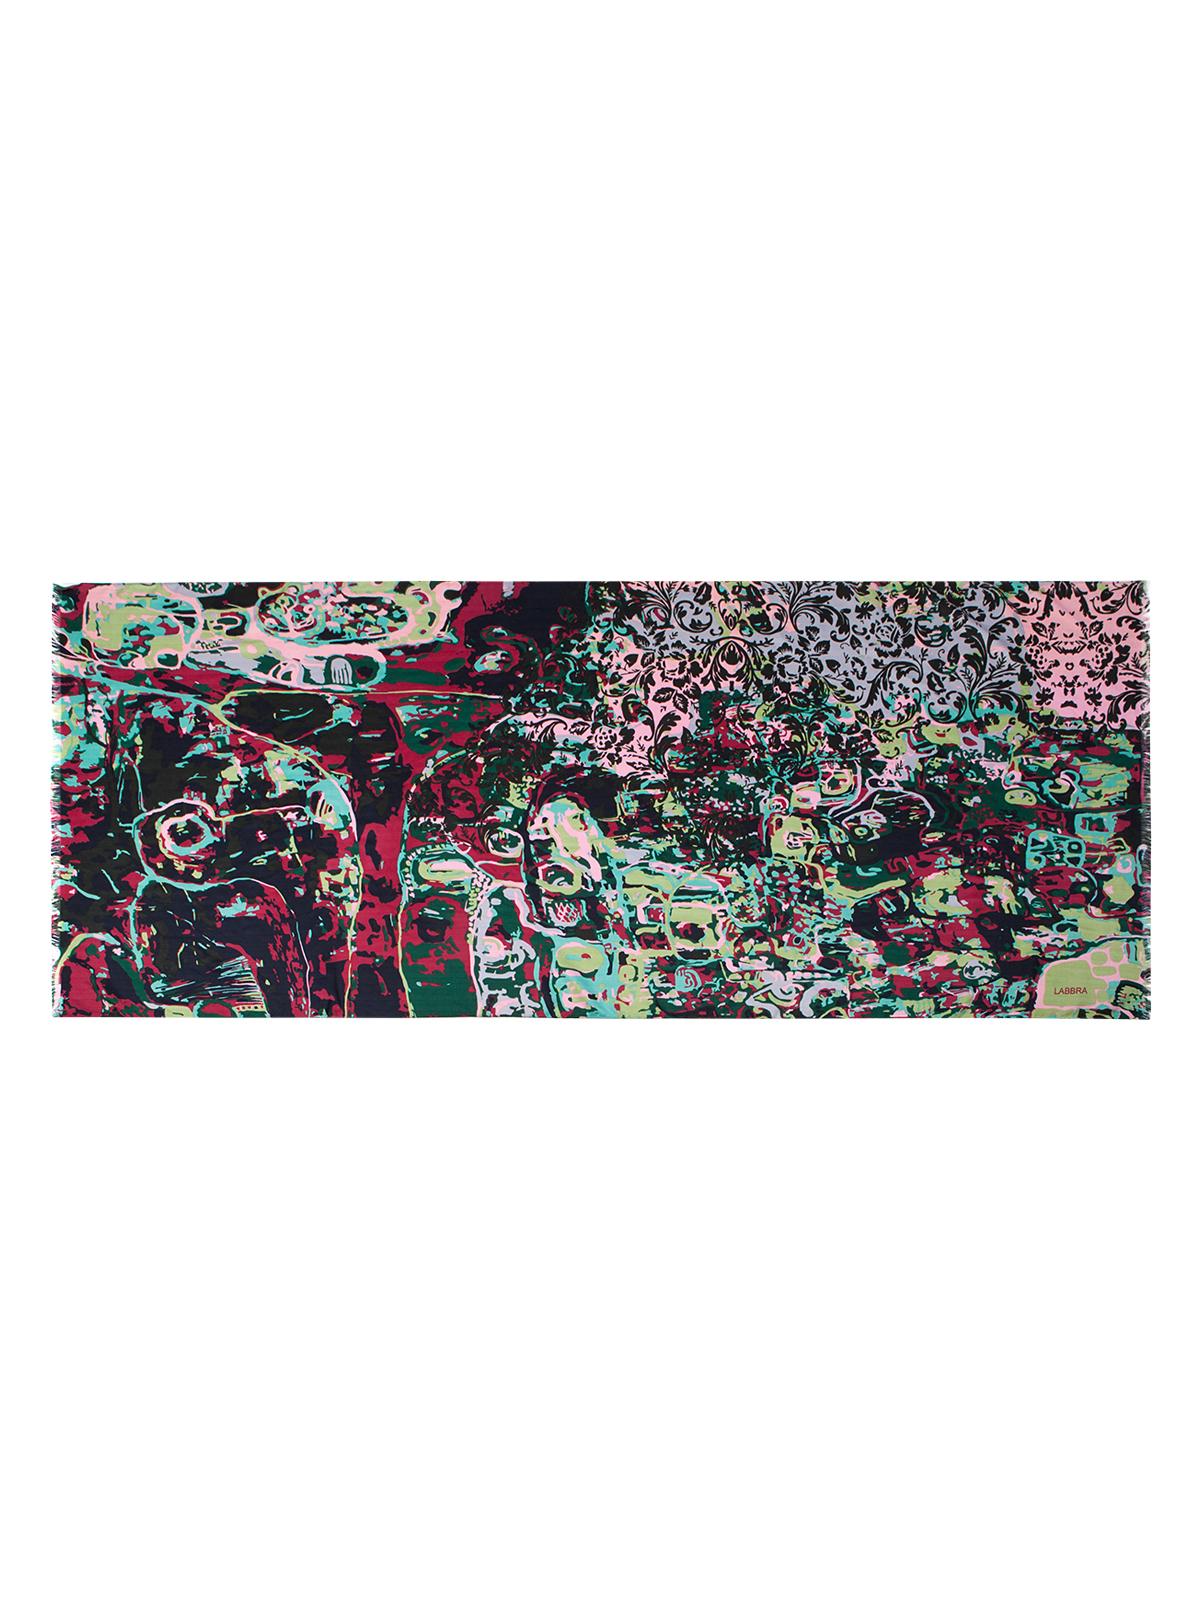 Палантин Labbra, цвет: зеленый, мультицвет. LSZ33-528. Размер 70 см х 180 смLSZ33-528Палантин от Labbra изготовлен из вискозы с добавлением шерсти и оформлен ярким принтом. Изделие с машинной подгибкой, края декорированы бахромой.